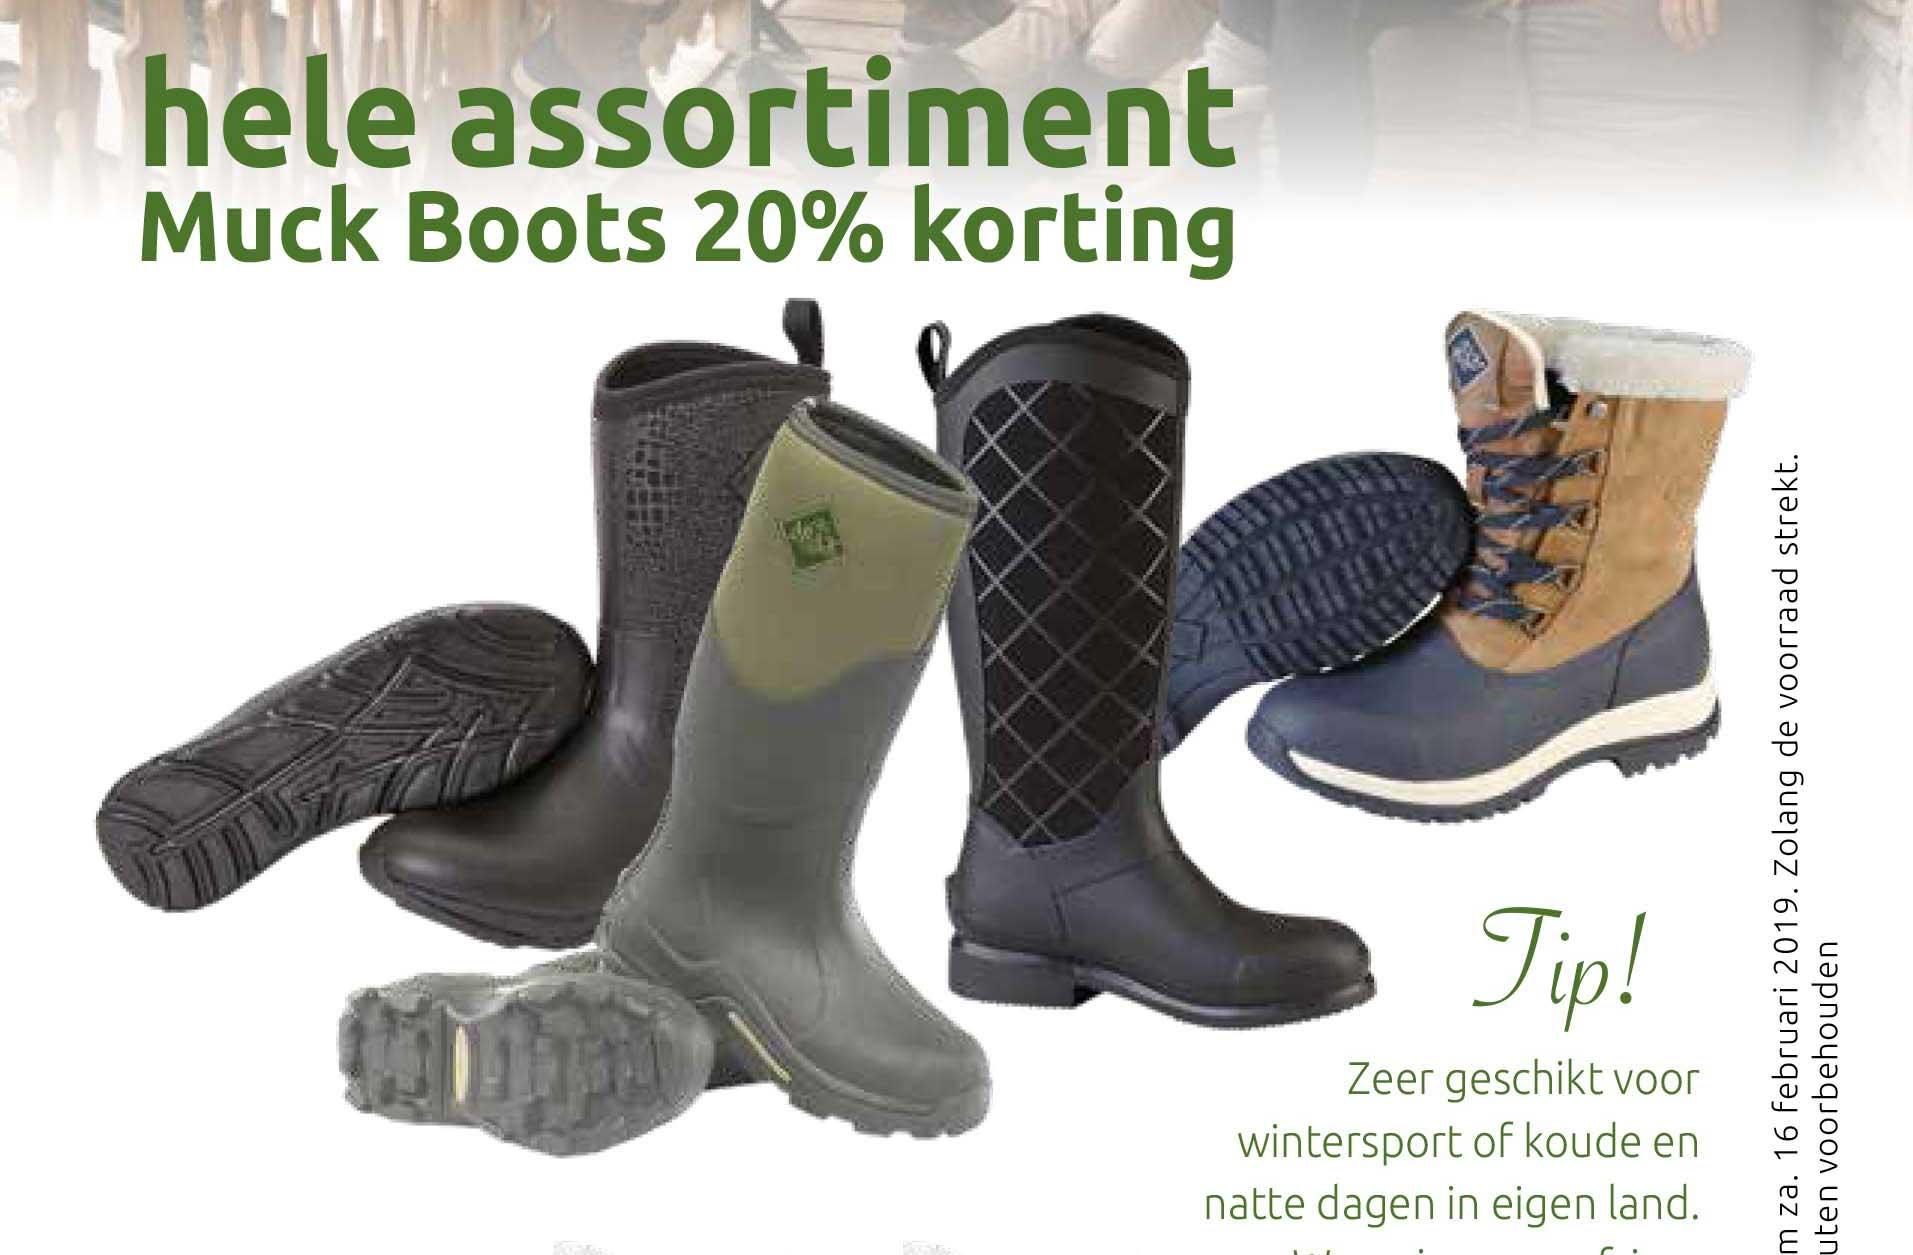 DekaTuin Hele Assortiment Muck Boots: 20% Korting